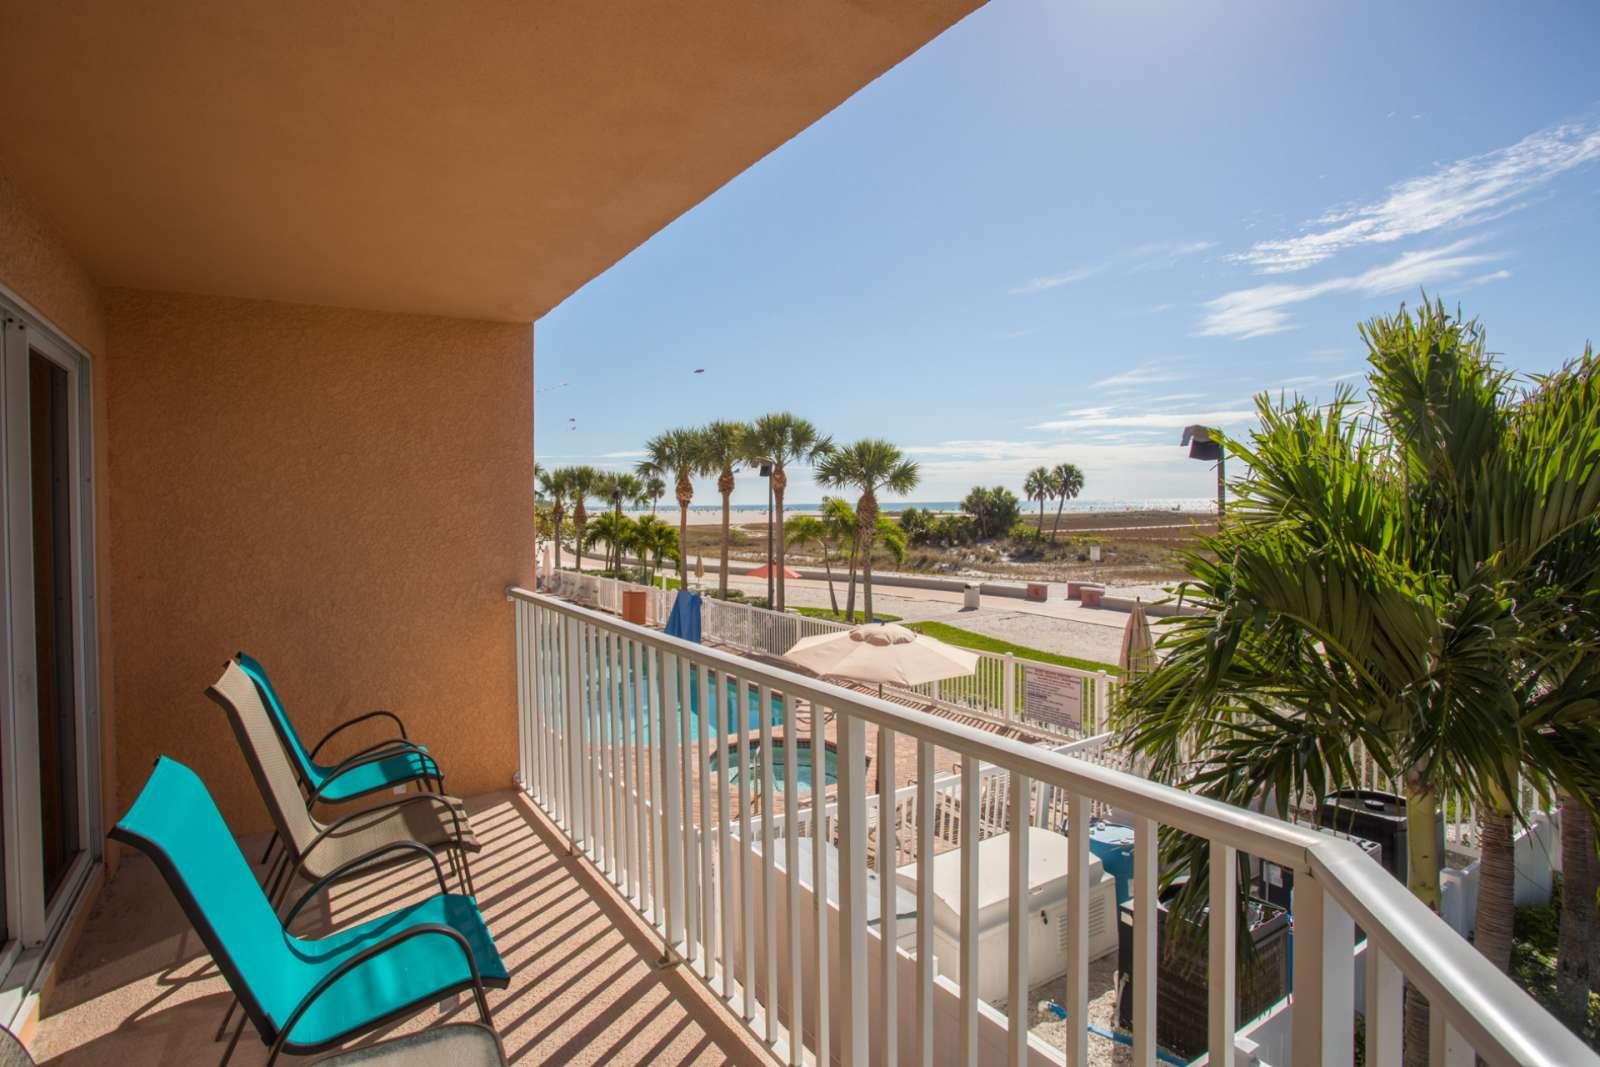 Treasure Island Vacation Al 206 Surf Beach Resort Condo On Itrip